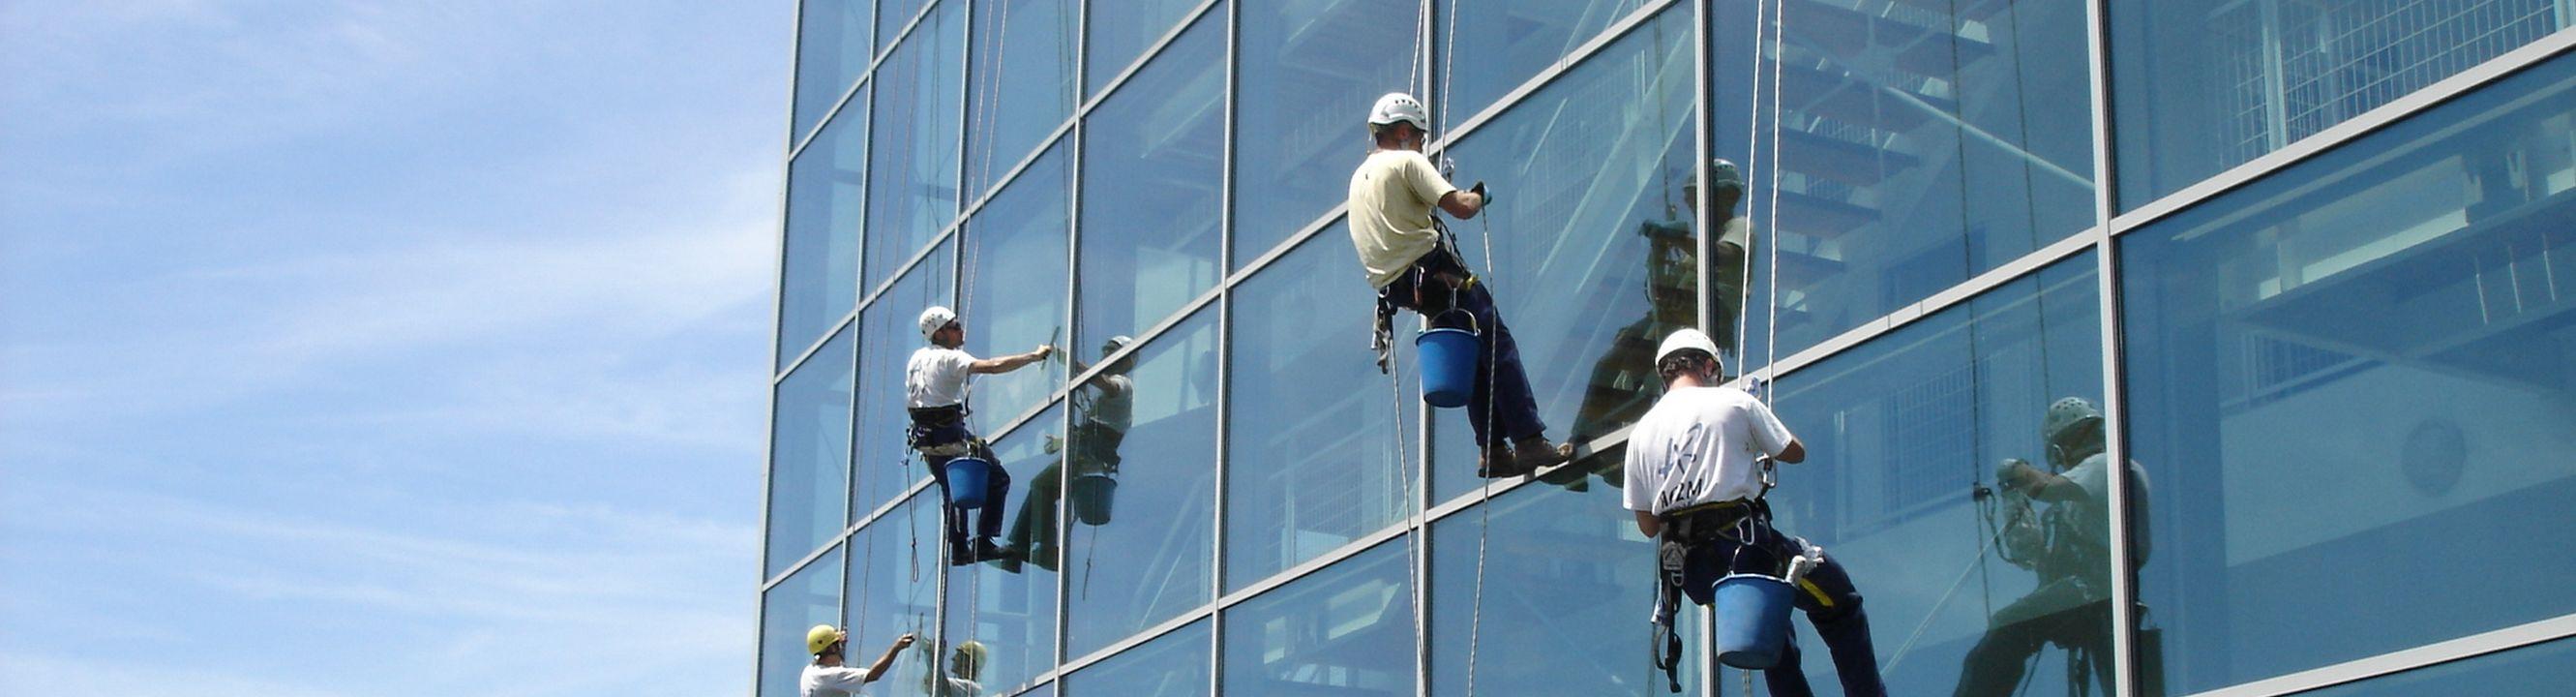 technicien cordiste urbain laveur de vitre pause de filet 68